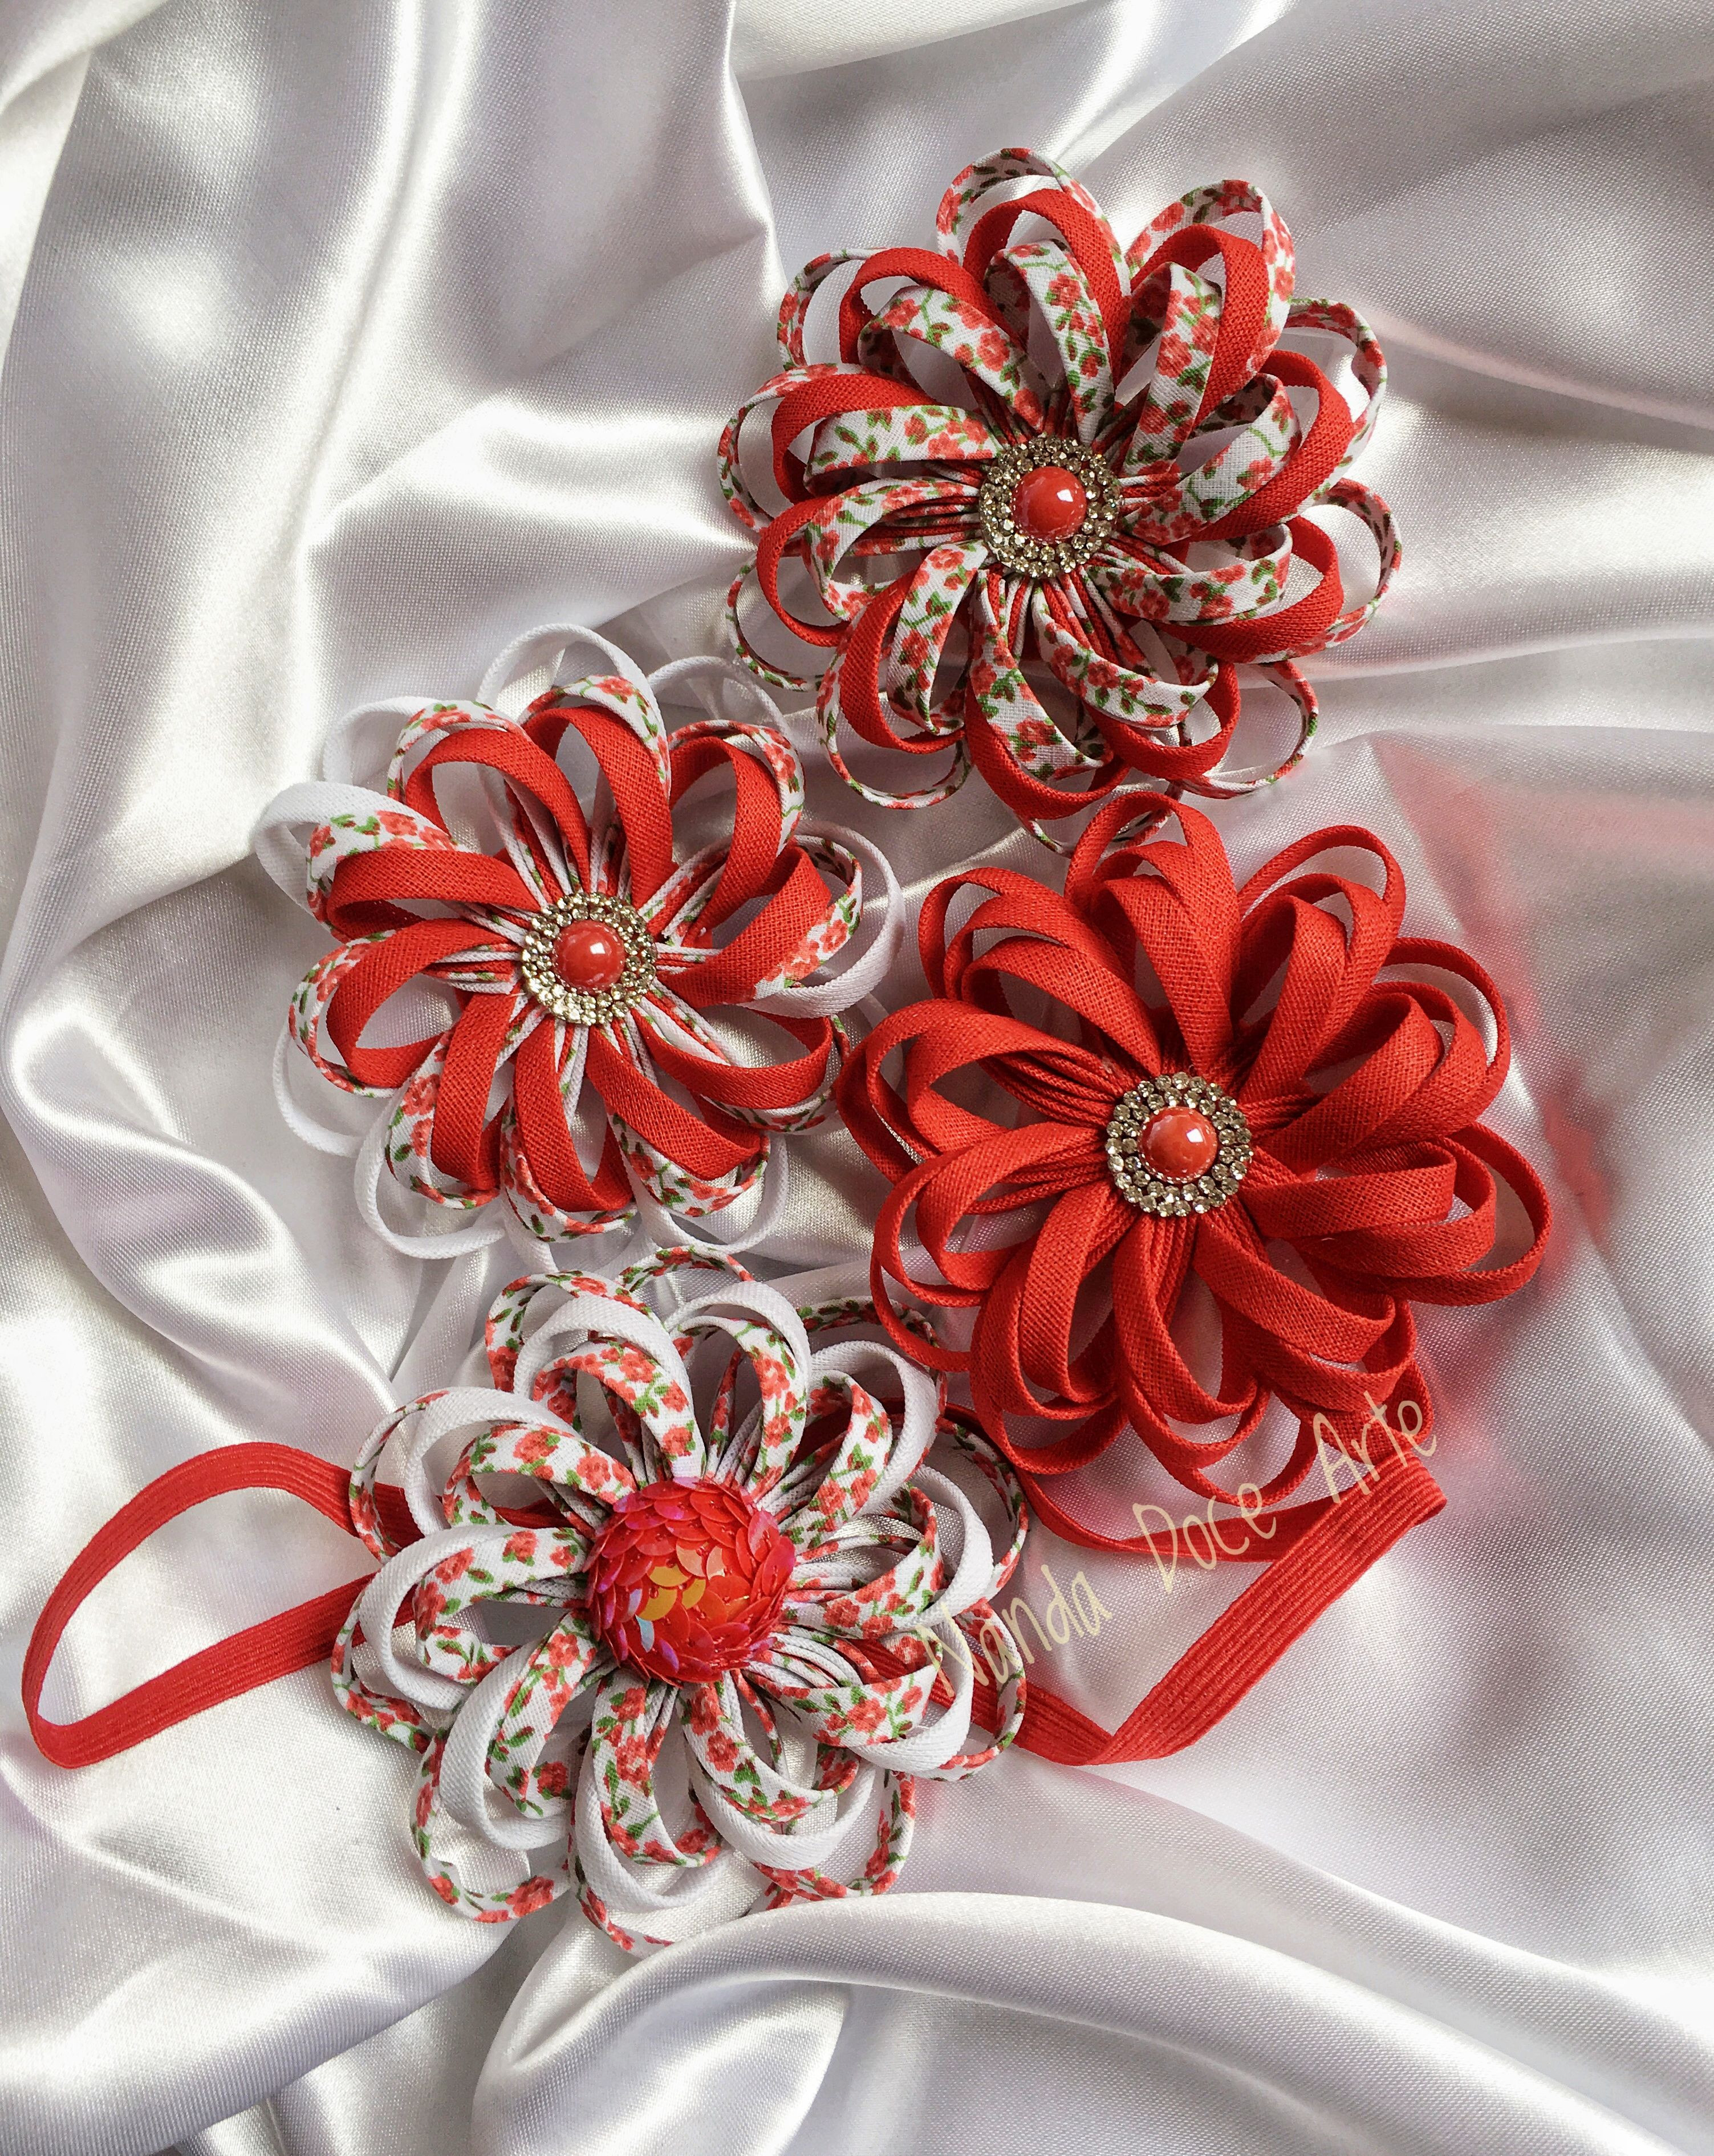 Flores de viés ❤ accesorios Pinterest